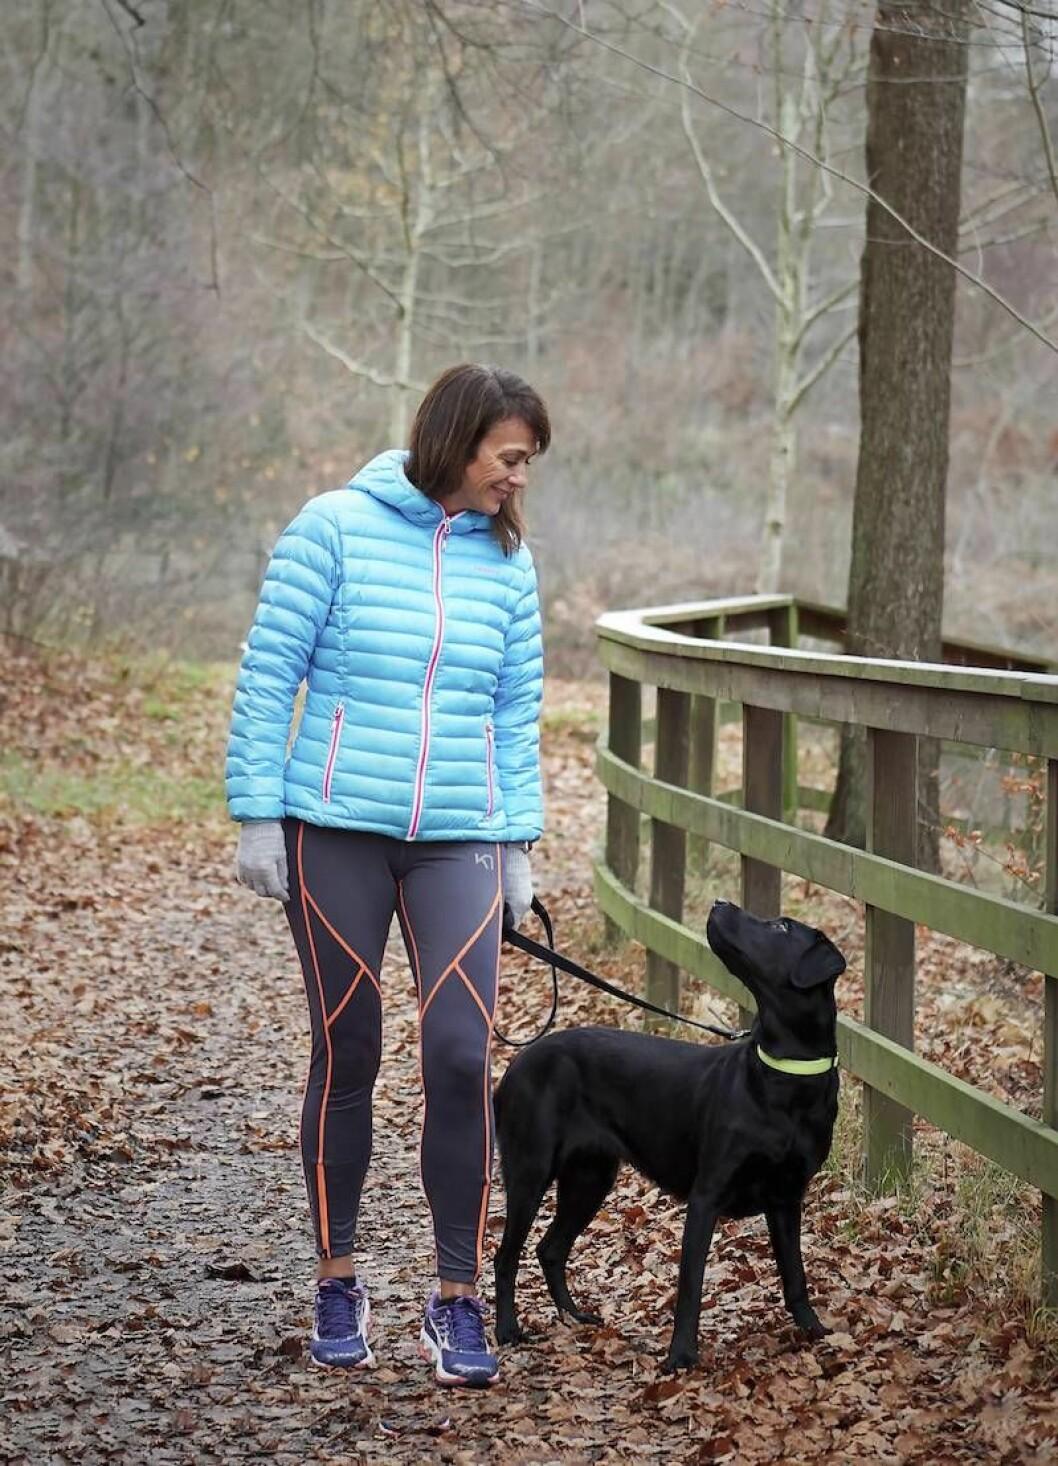 Alexandra Zazzi på promenad med sin hund